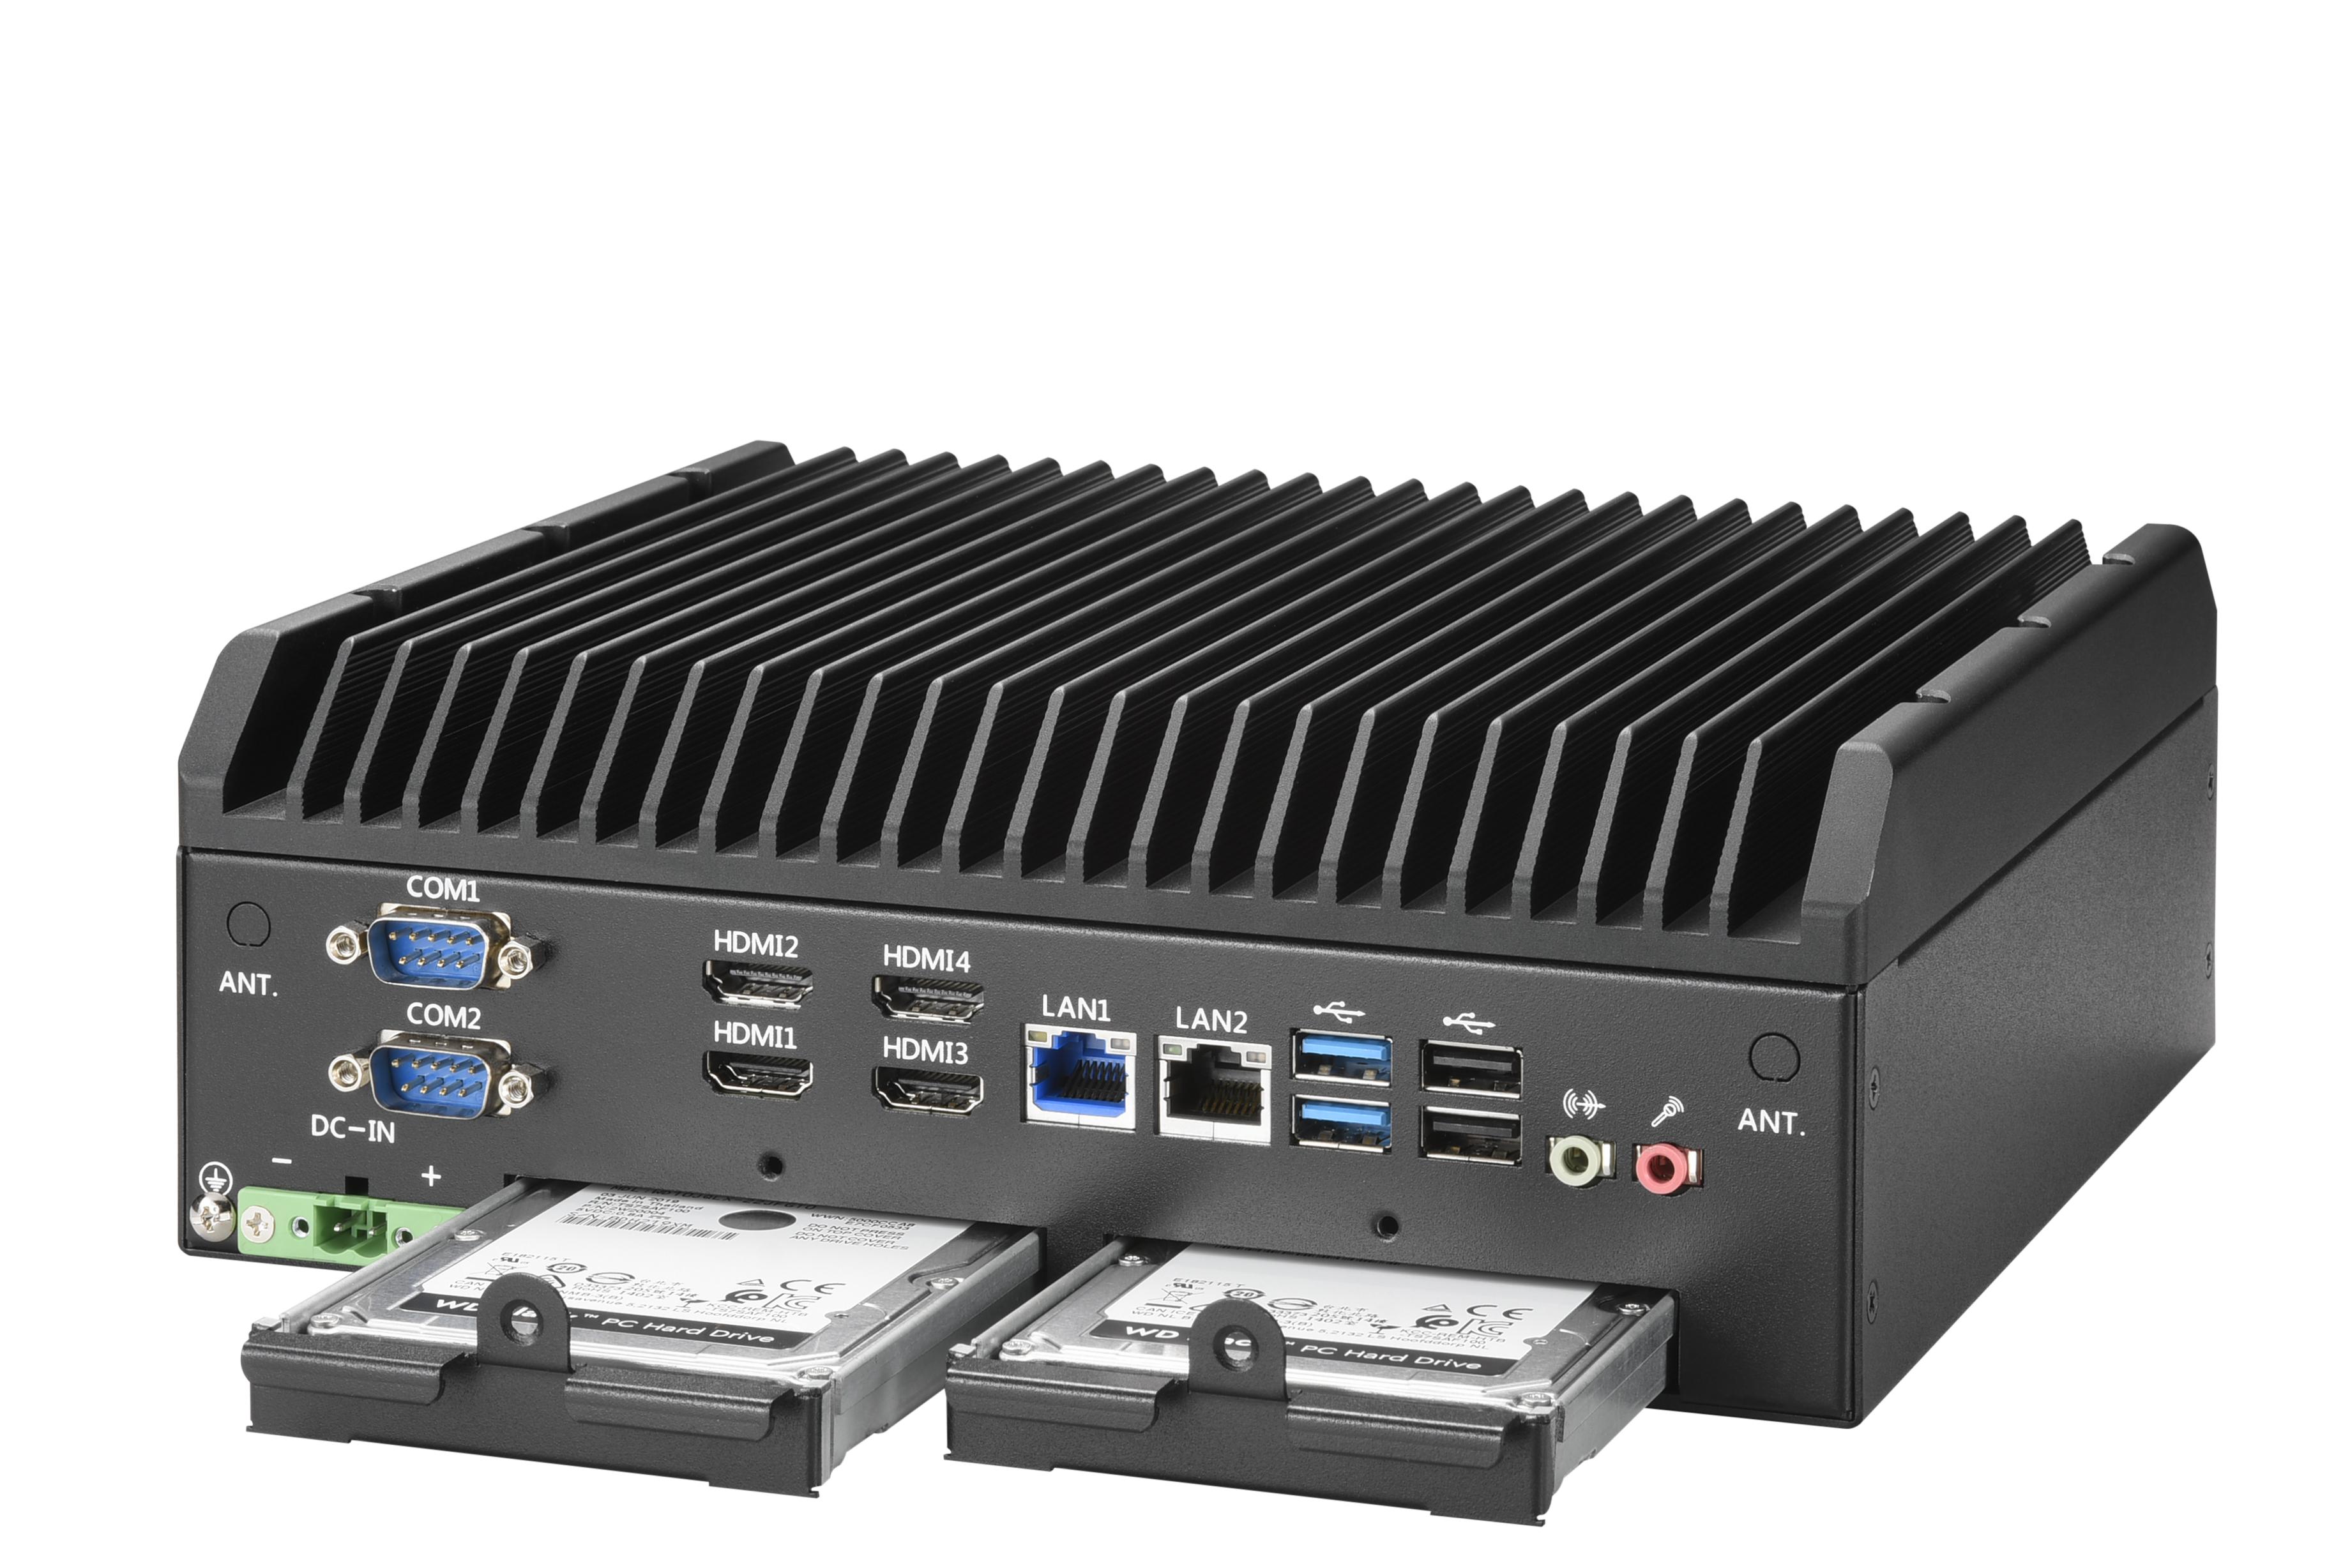 fanlessboxpc AIS-2024 Intel 11th Tiger Lake 4 HDMI Quad Display, RAID 0/1